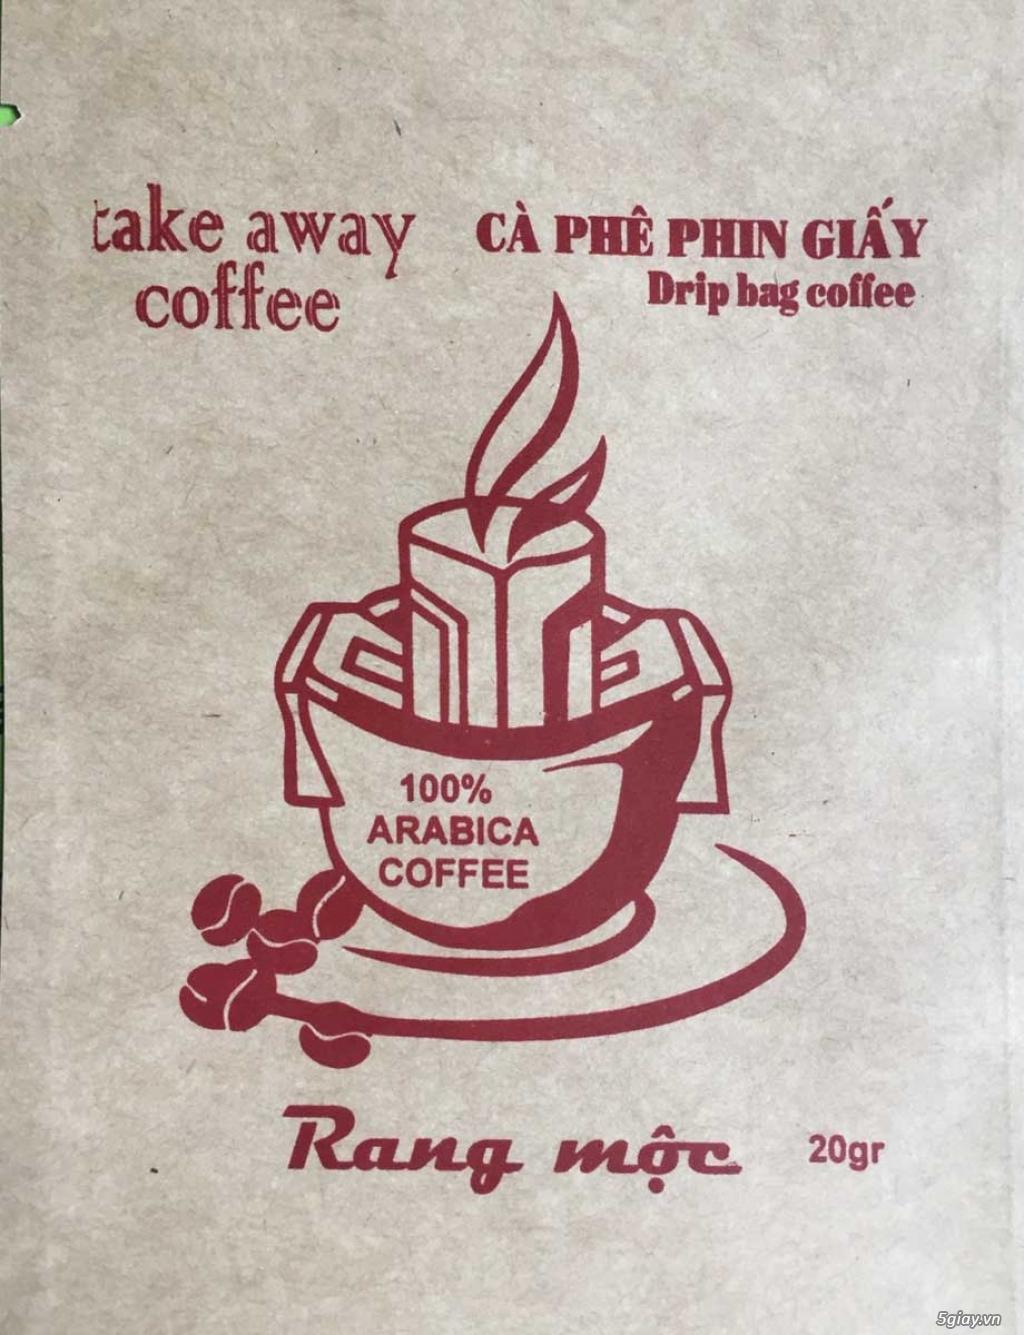 Cà Phê Túi Lọc Di Động - Drip coffee Filter -Drip Coffee - 25